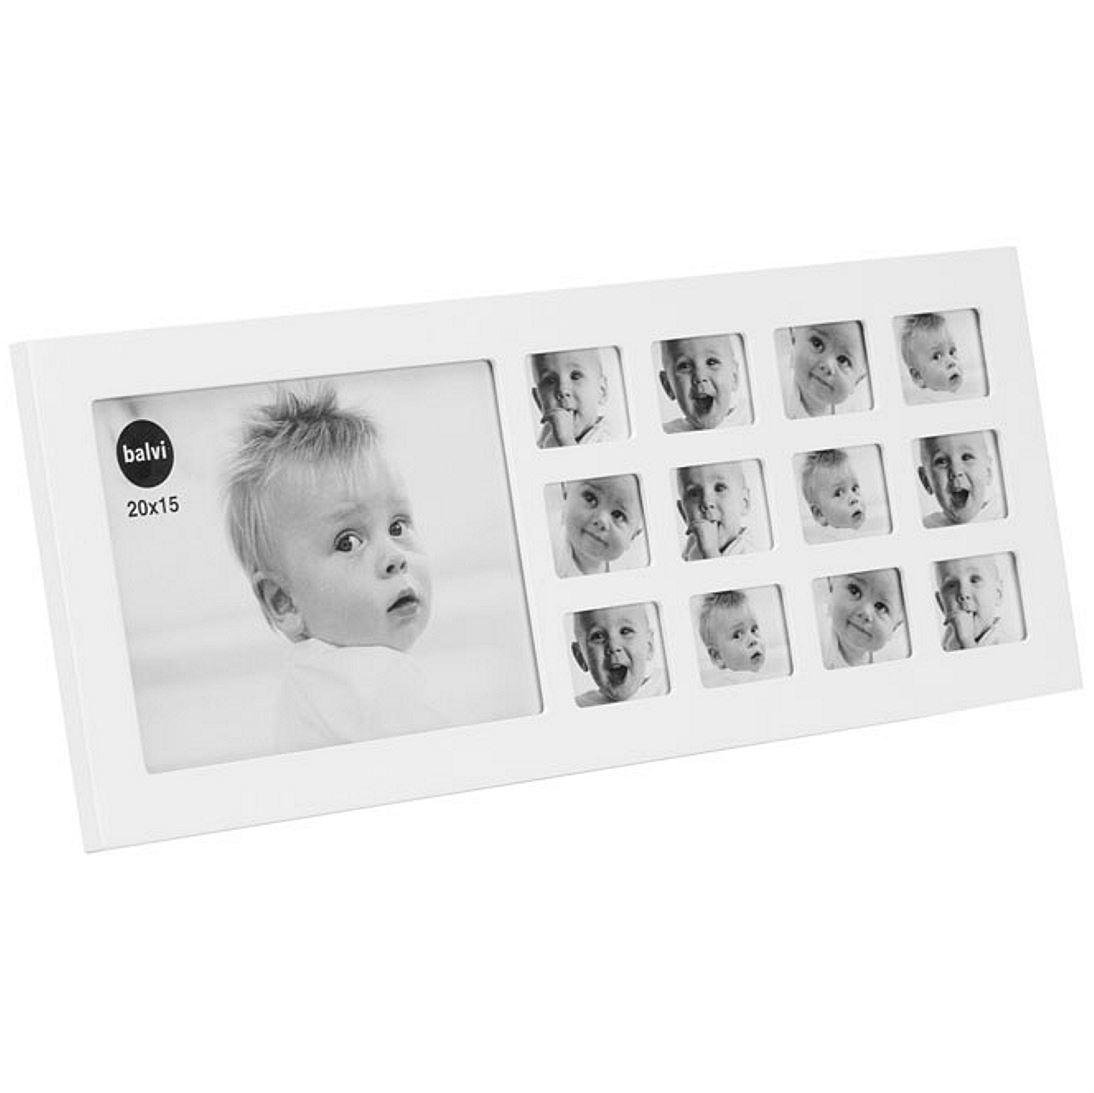 Ungewöhnlich Unser Erstes Jahr Fotorahmen Ideen - Benutzerdefinierte ...